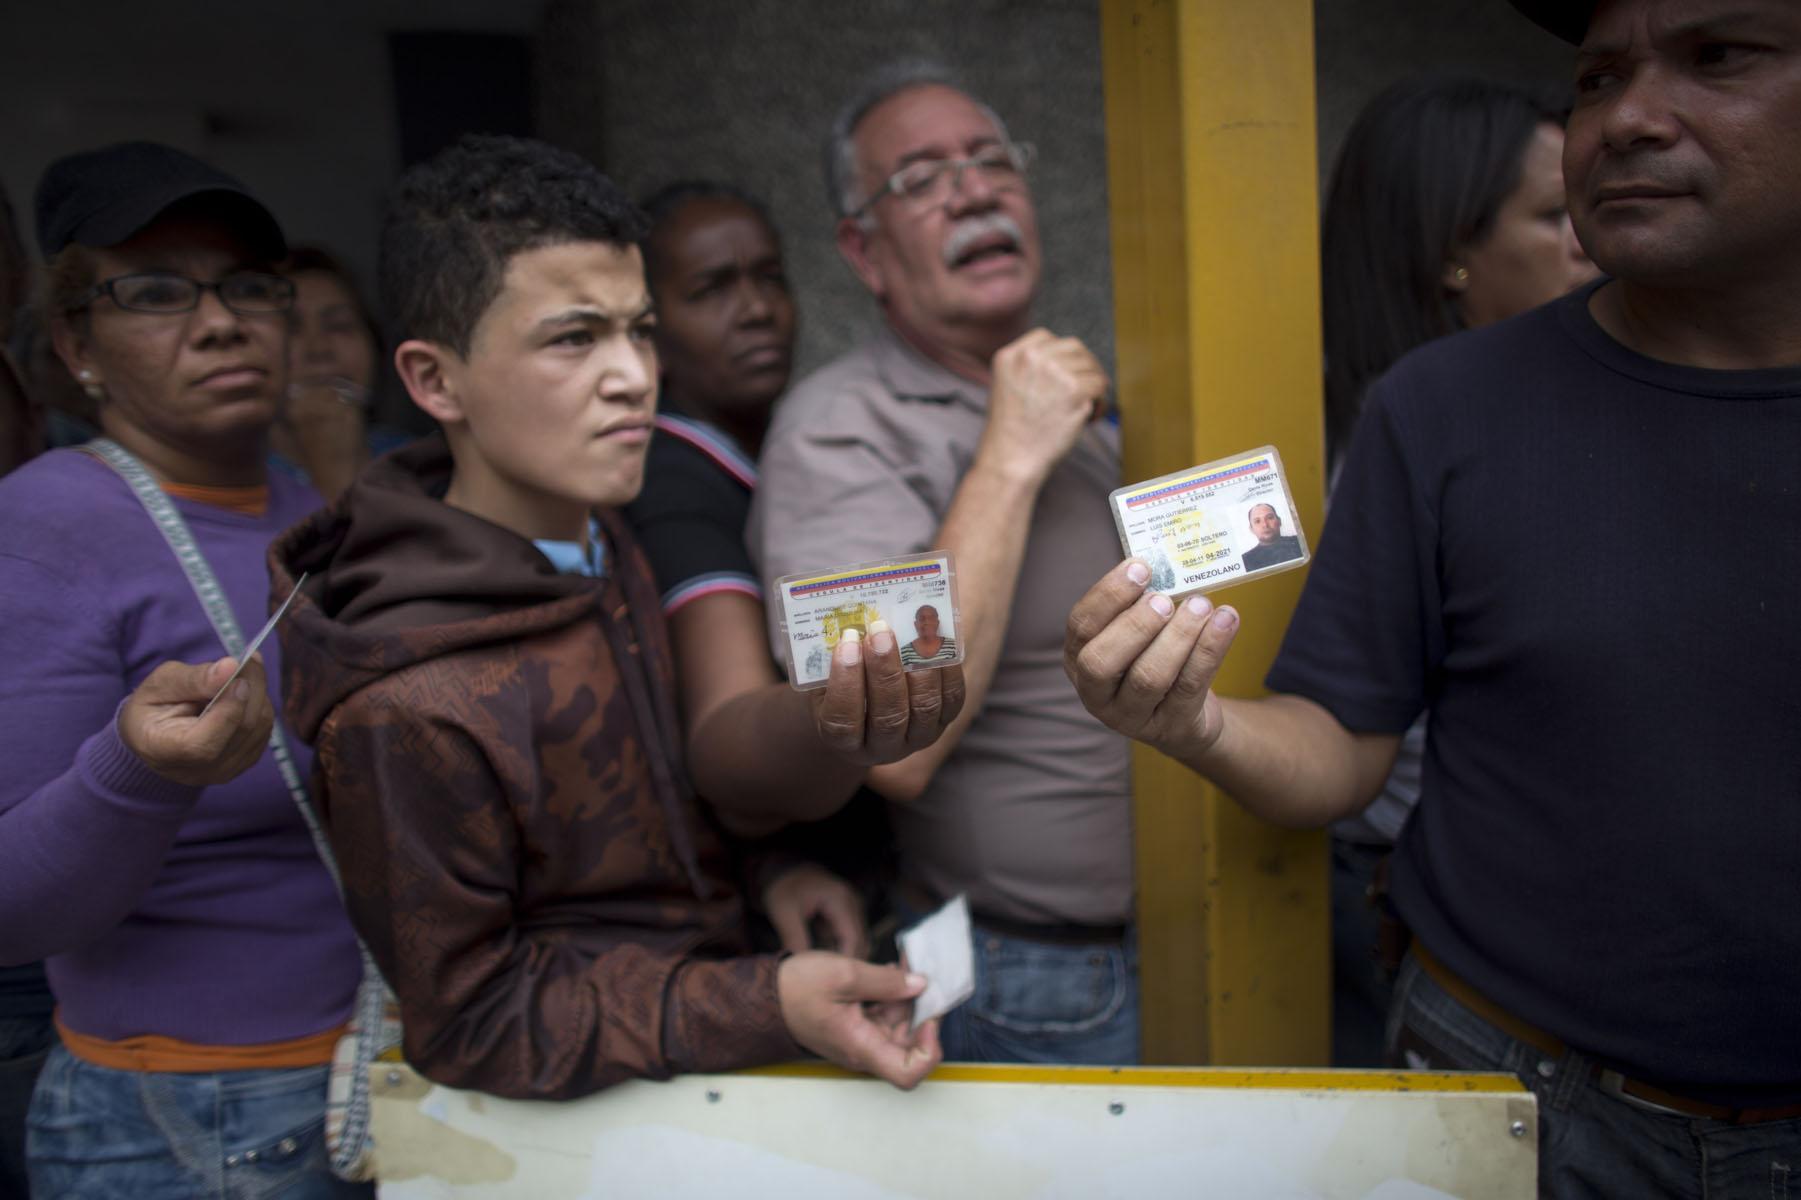 En esta fotografía del martes 3 de mayo de 2016, algunas personas muestran sus carnés de identidad mientras esperan formados afuera de un supermercado de Caracas, Venezuela, para comprar alimentos. A todos los venezolanos, incluidos los menores de edad, se les asignan dos días a la semana para hacer compras en función de sus números de identidad. Algunos usan carnés de identidad falsos para tener más días de compra. (AP Foto/Ariana Cubillos)